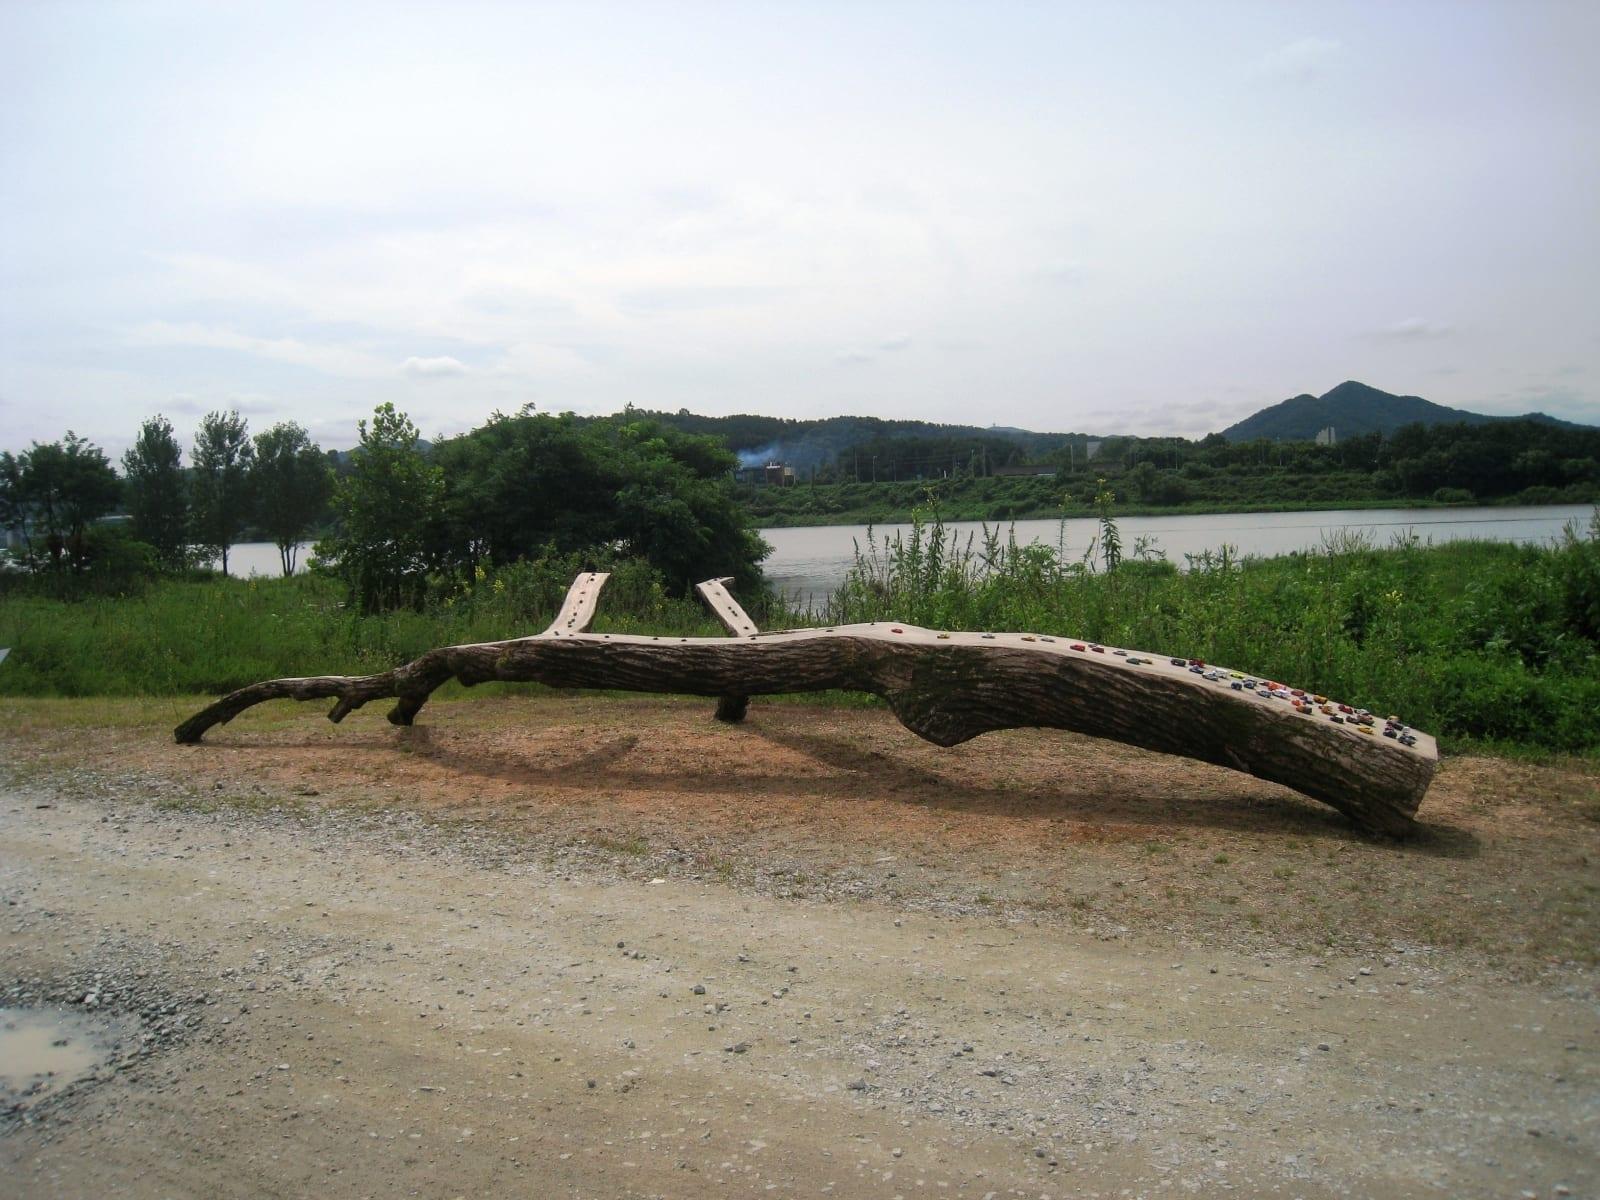 """""""ÜKS MAAILM"""" 2014 puu, plastikust putukad ja mänguautod p= 8 m - Geumgang Nature Art Biennale, Gongju, Lõuna Korea<br/> """"ONE WORLD"""" 2014 wood, plastic insects and cars  l= 8 m - Geumgang Nature Art Biennale, Gongju, South Korea"""